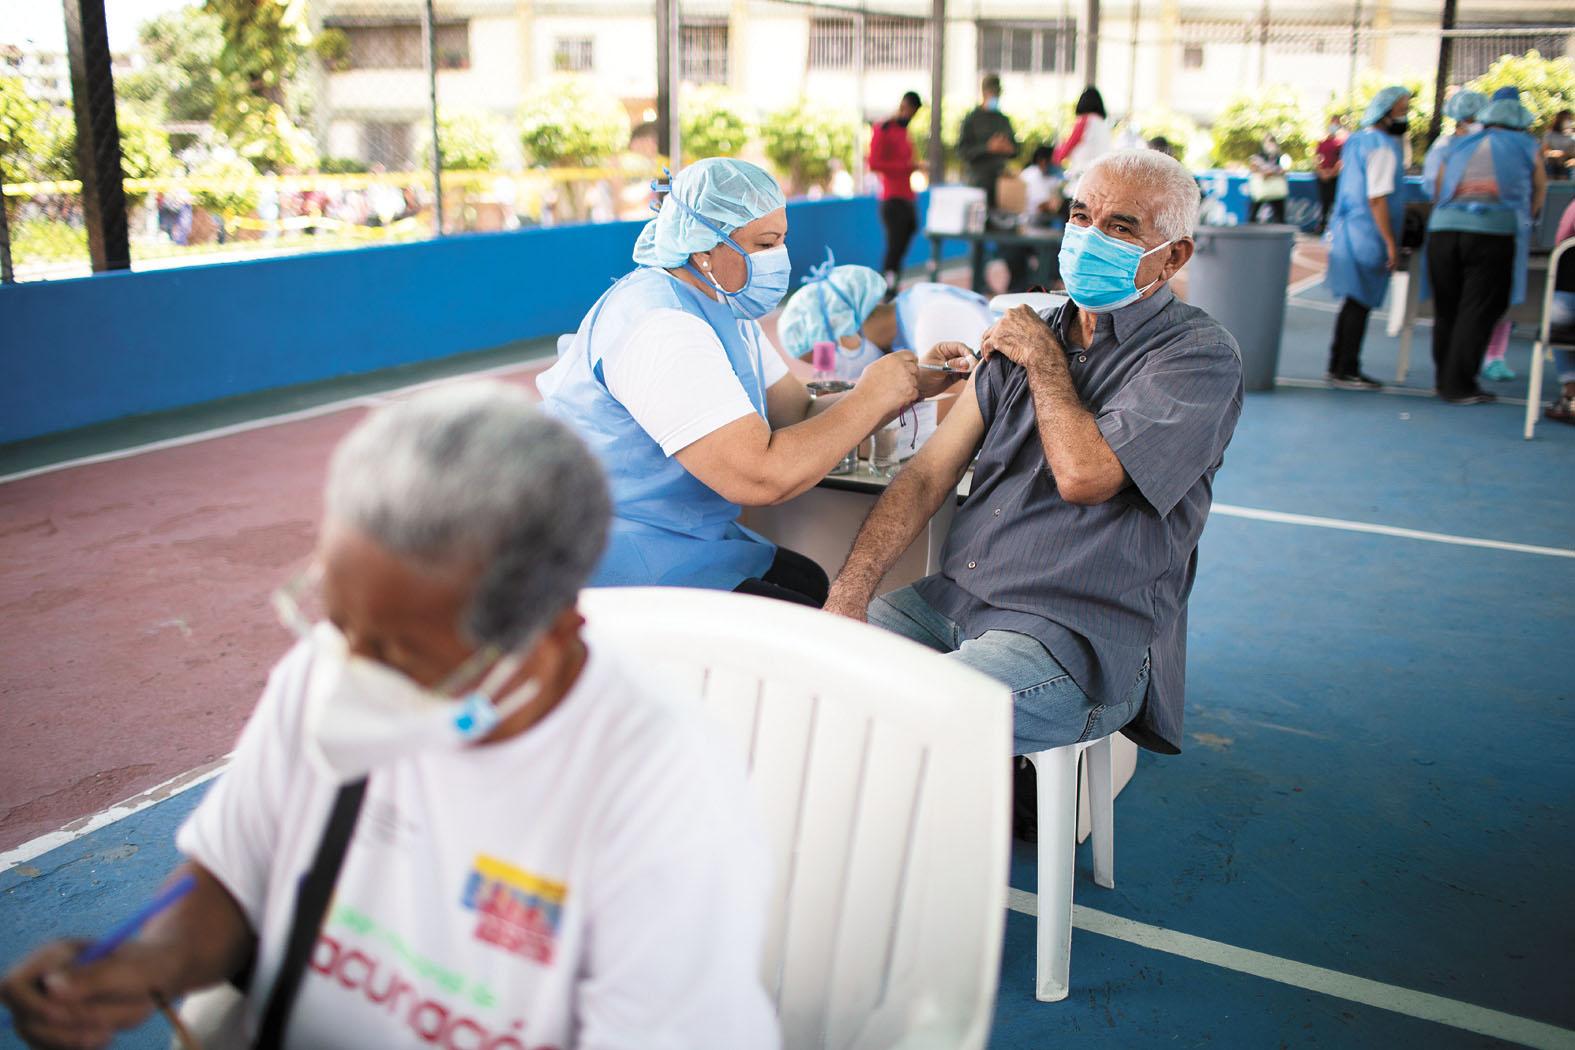 世衛估計,全球抗疫需要施打110億劑疫苗。圖為委內瑞拉護士為民眾接種新冠疫苗。美聯社